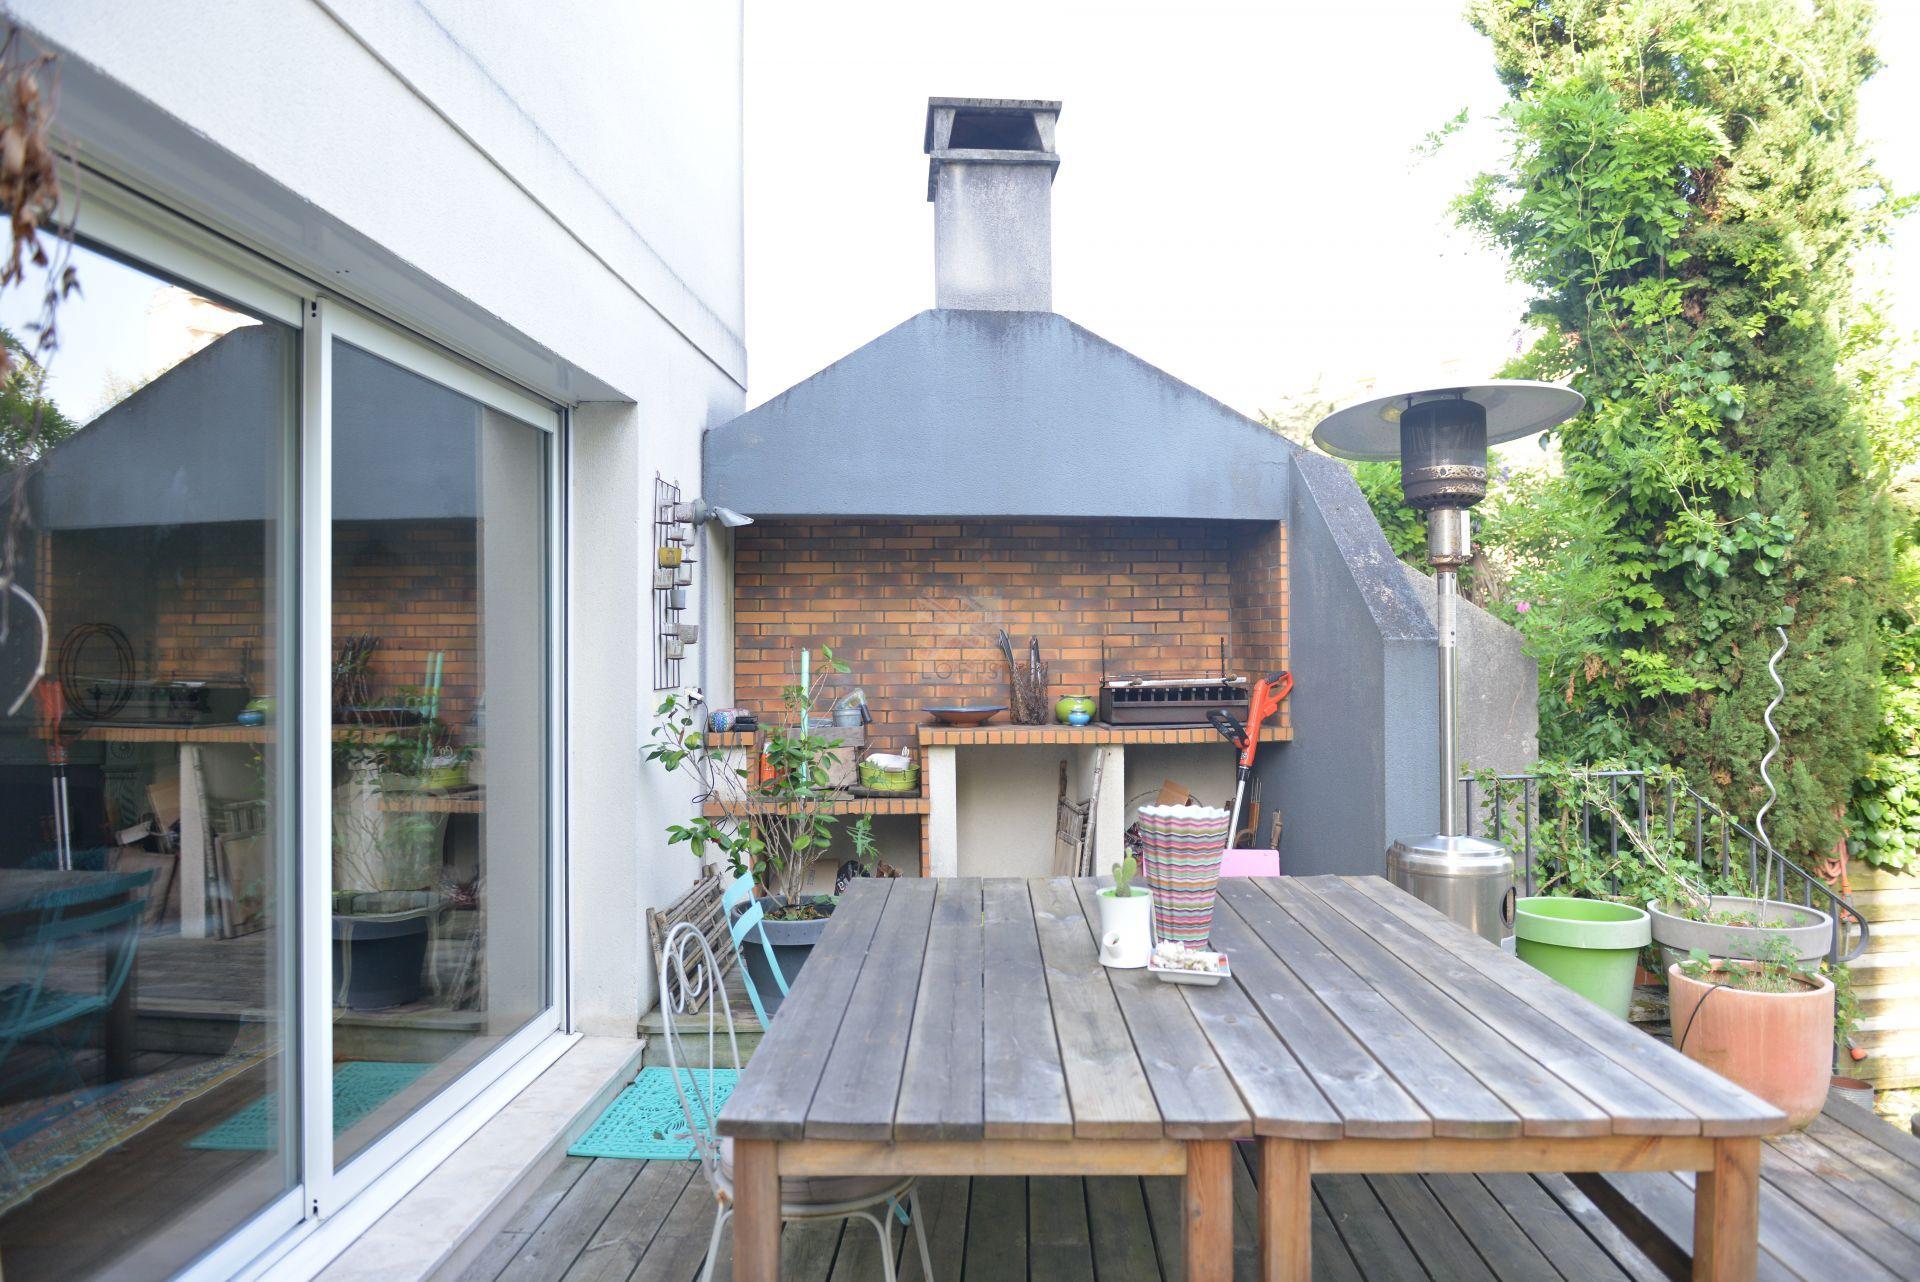 Location vide maison contemporaine avec piscine